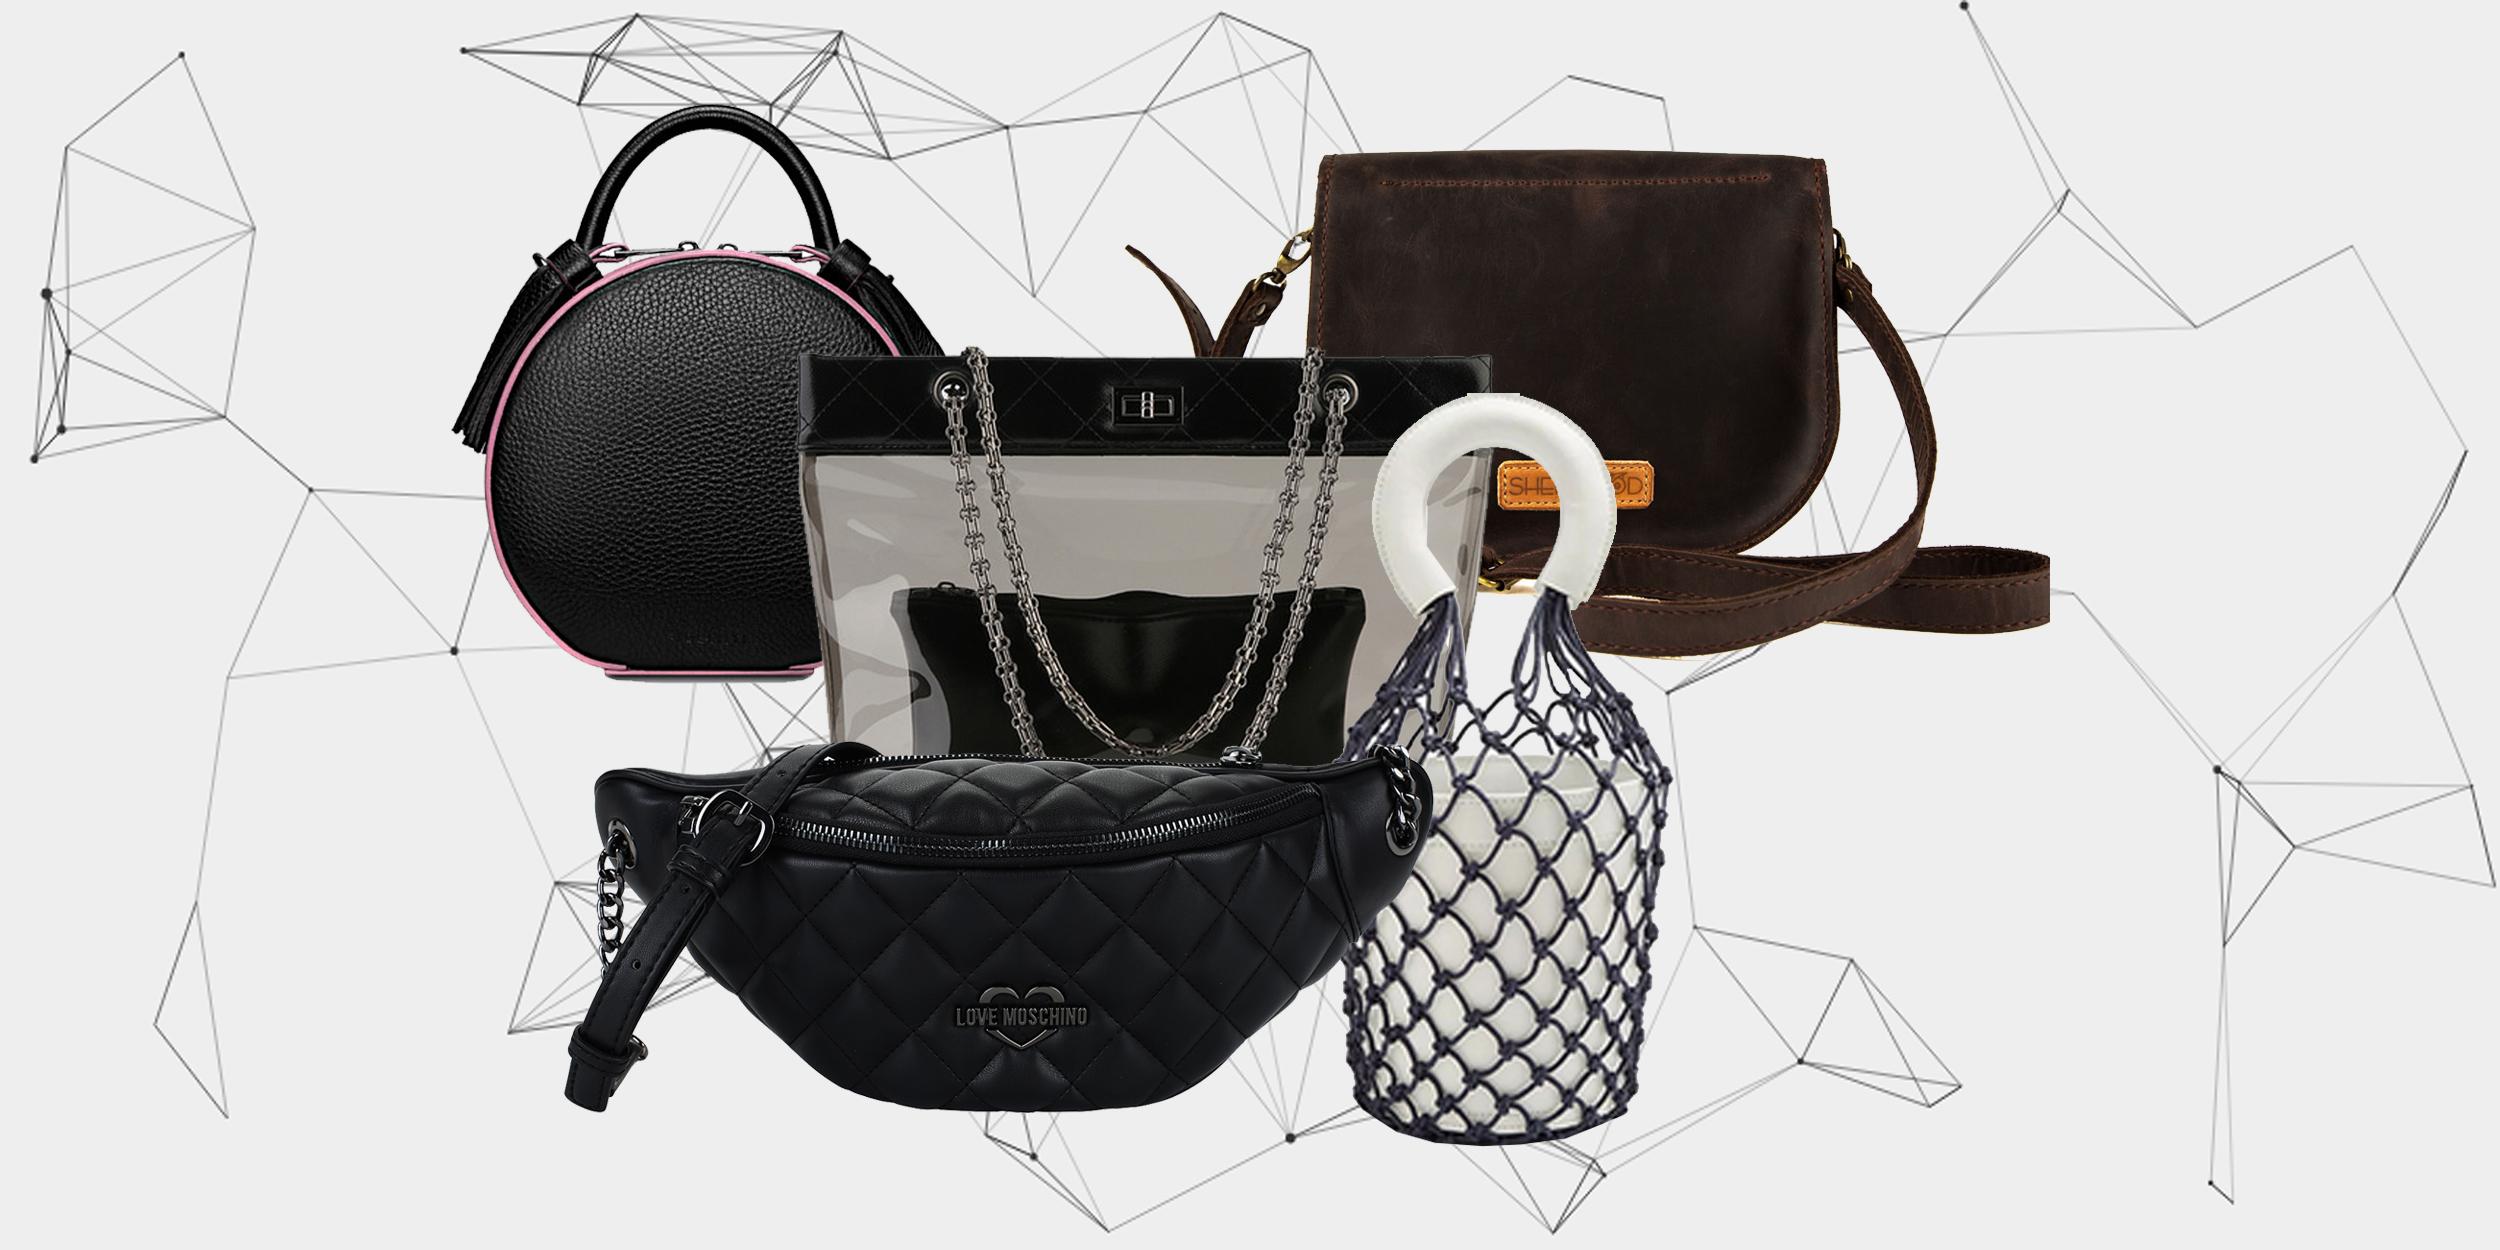 f1e7c64fbcca Самые модные сумки 2018 года: 10 практичных и красивых вариантов - Лайфхакер